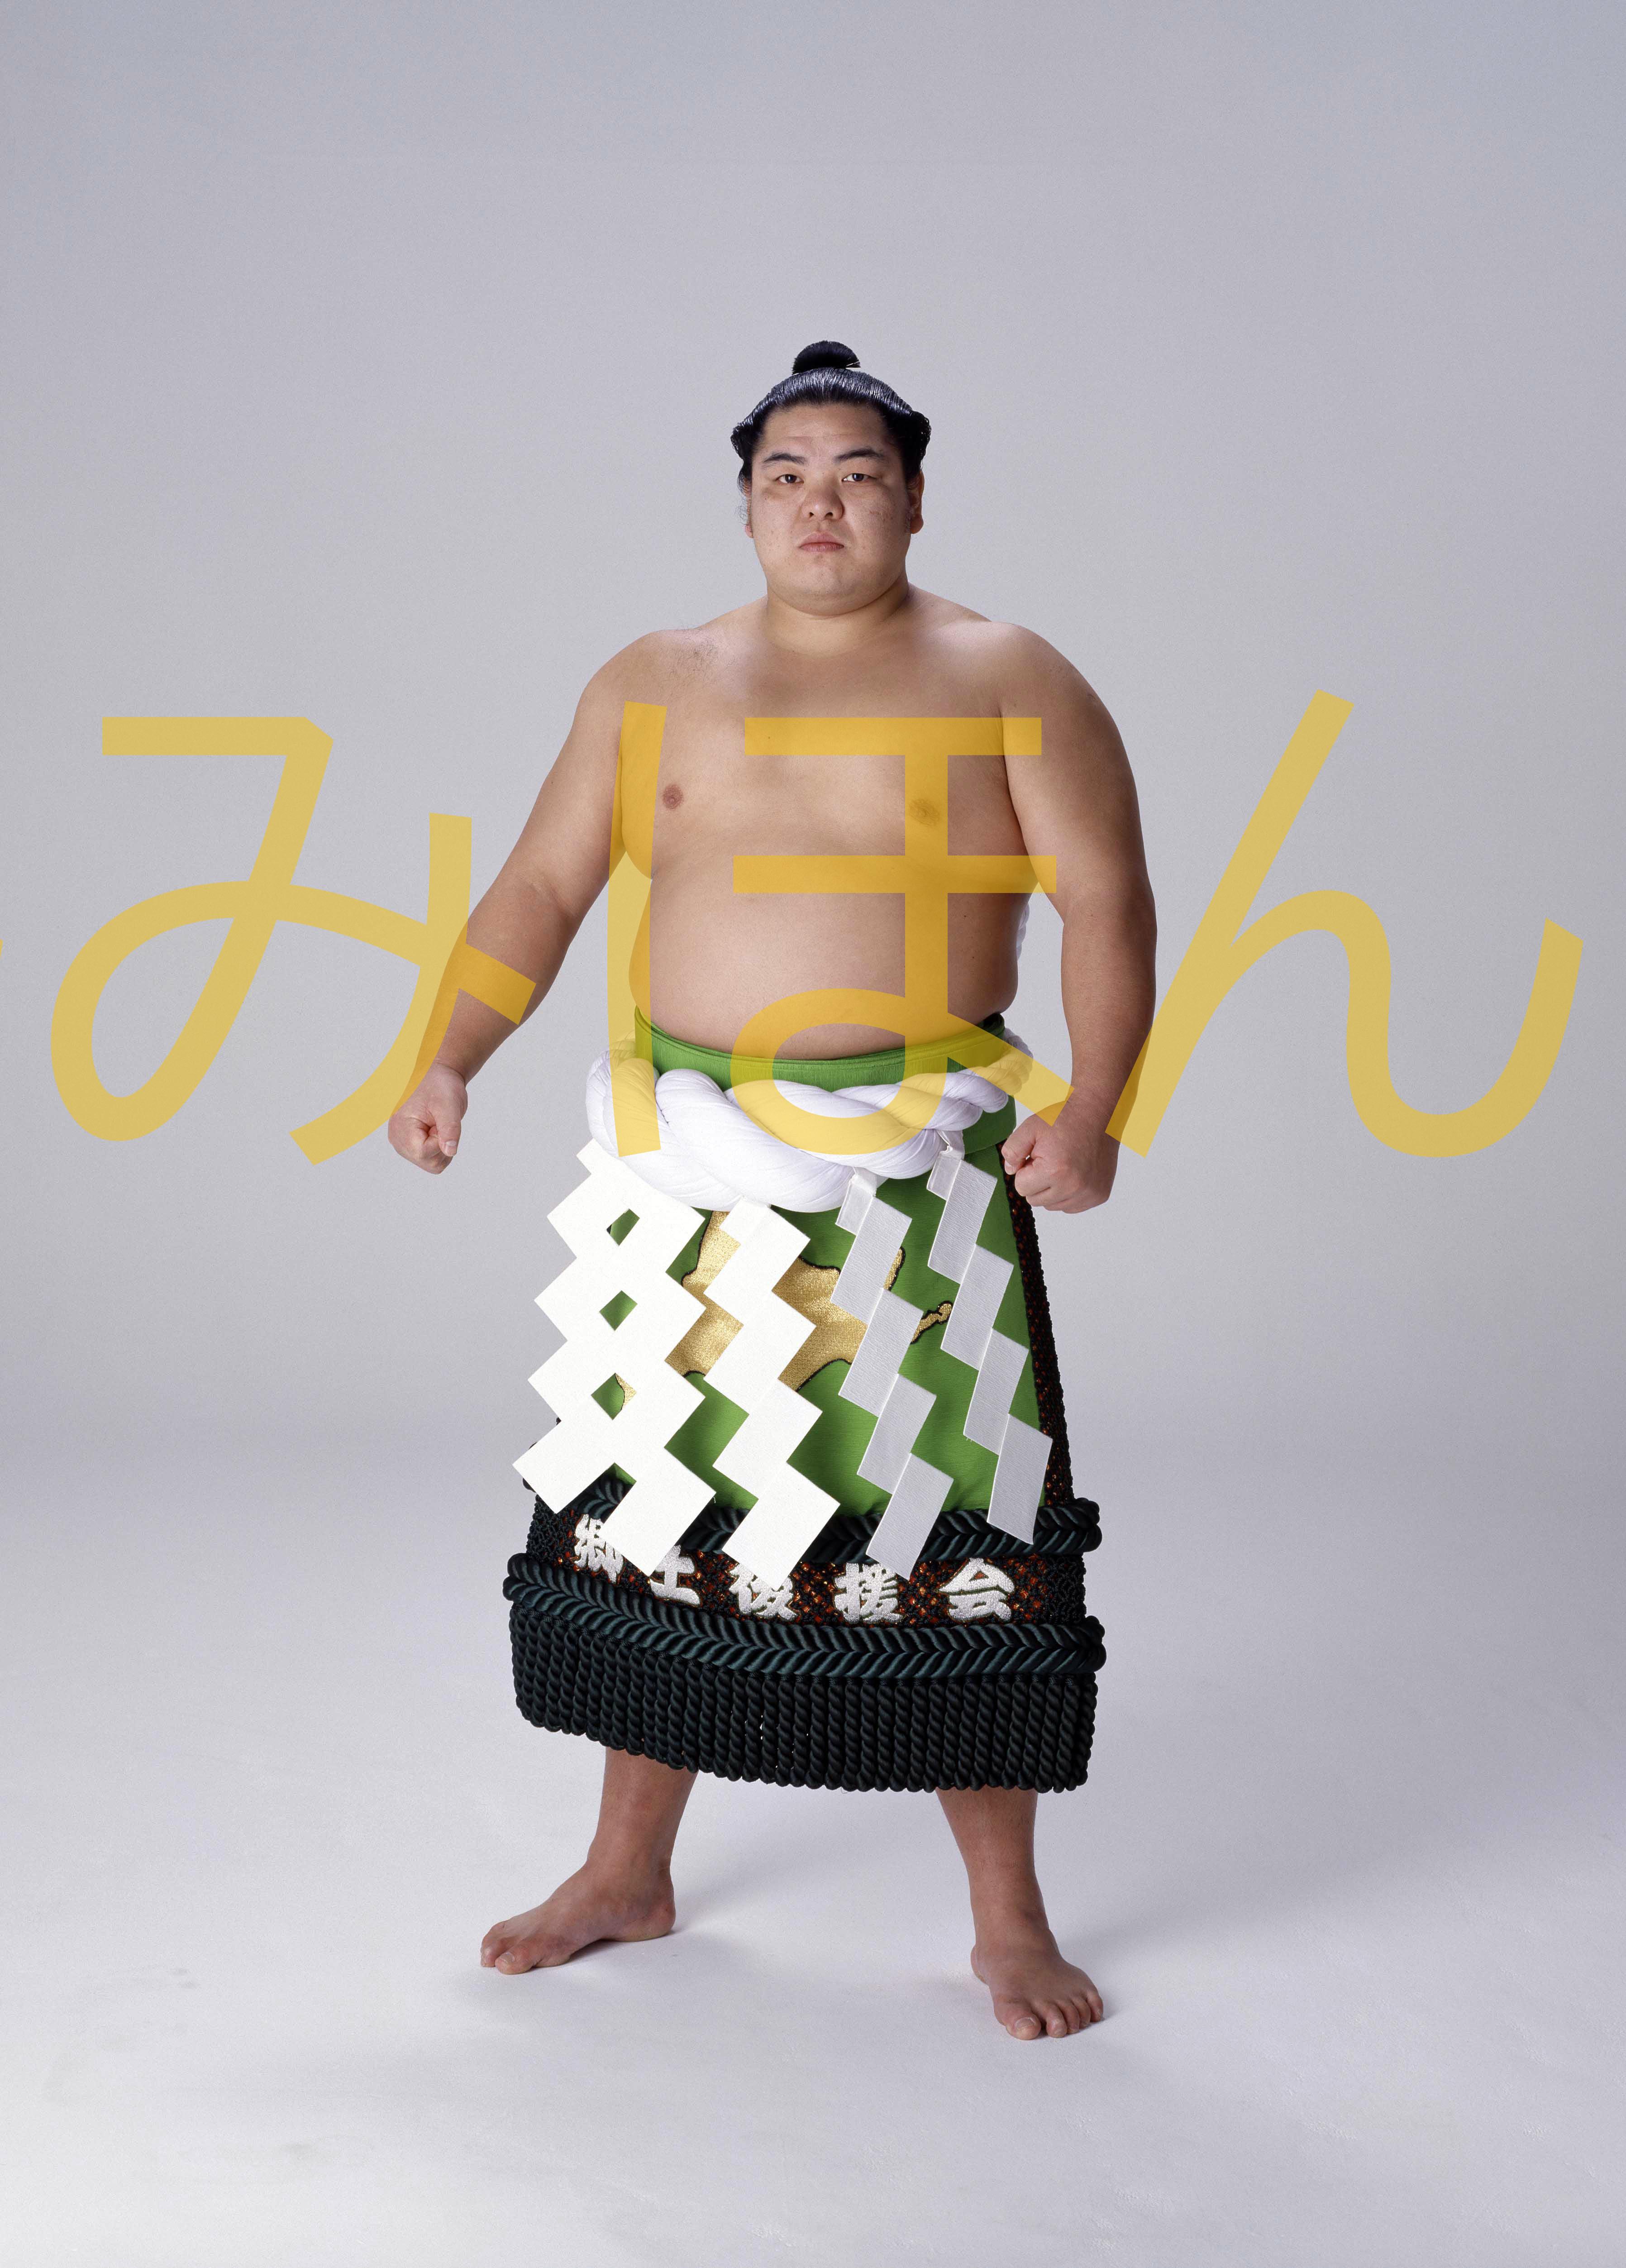 平成元年1月場所優勝 横綱 北勝海信芳関(4回目の優勝)